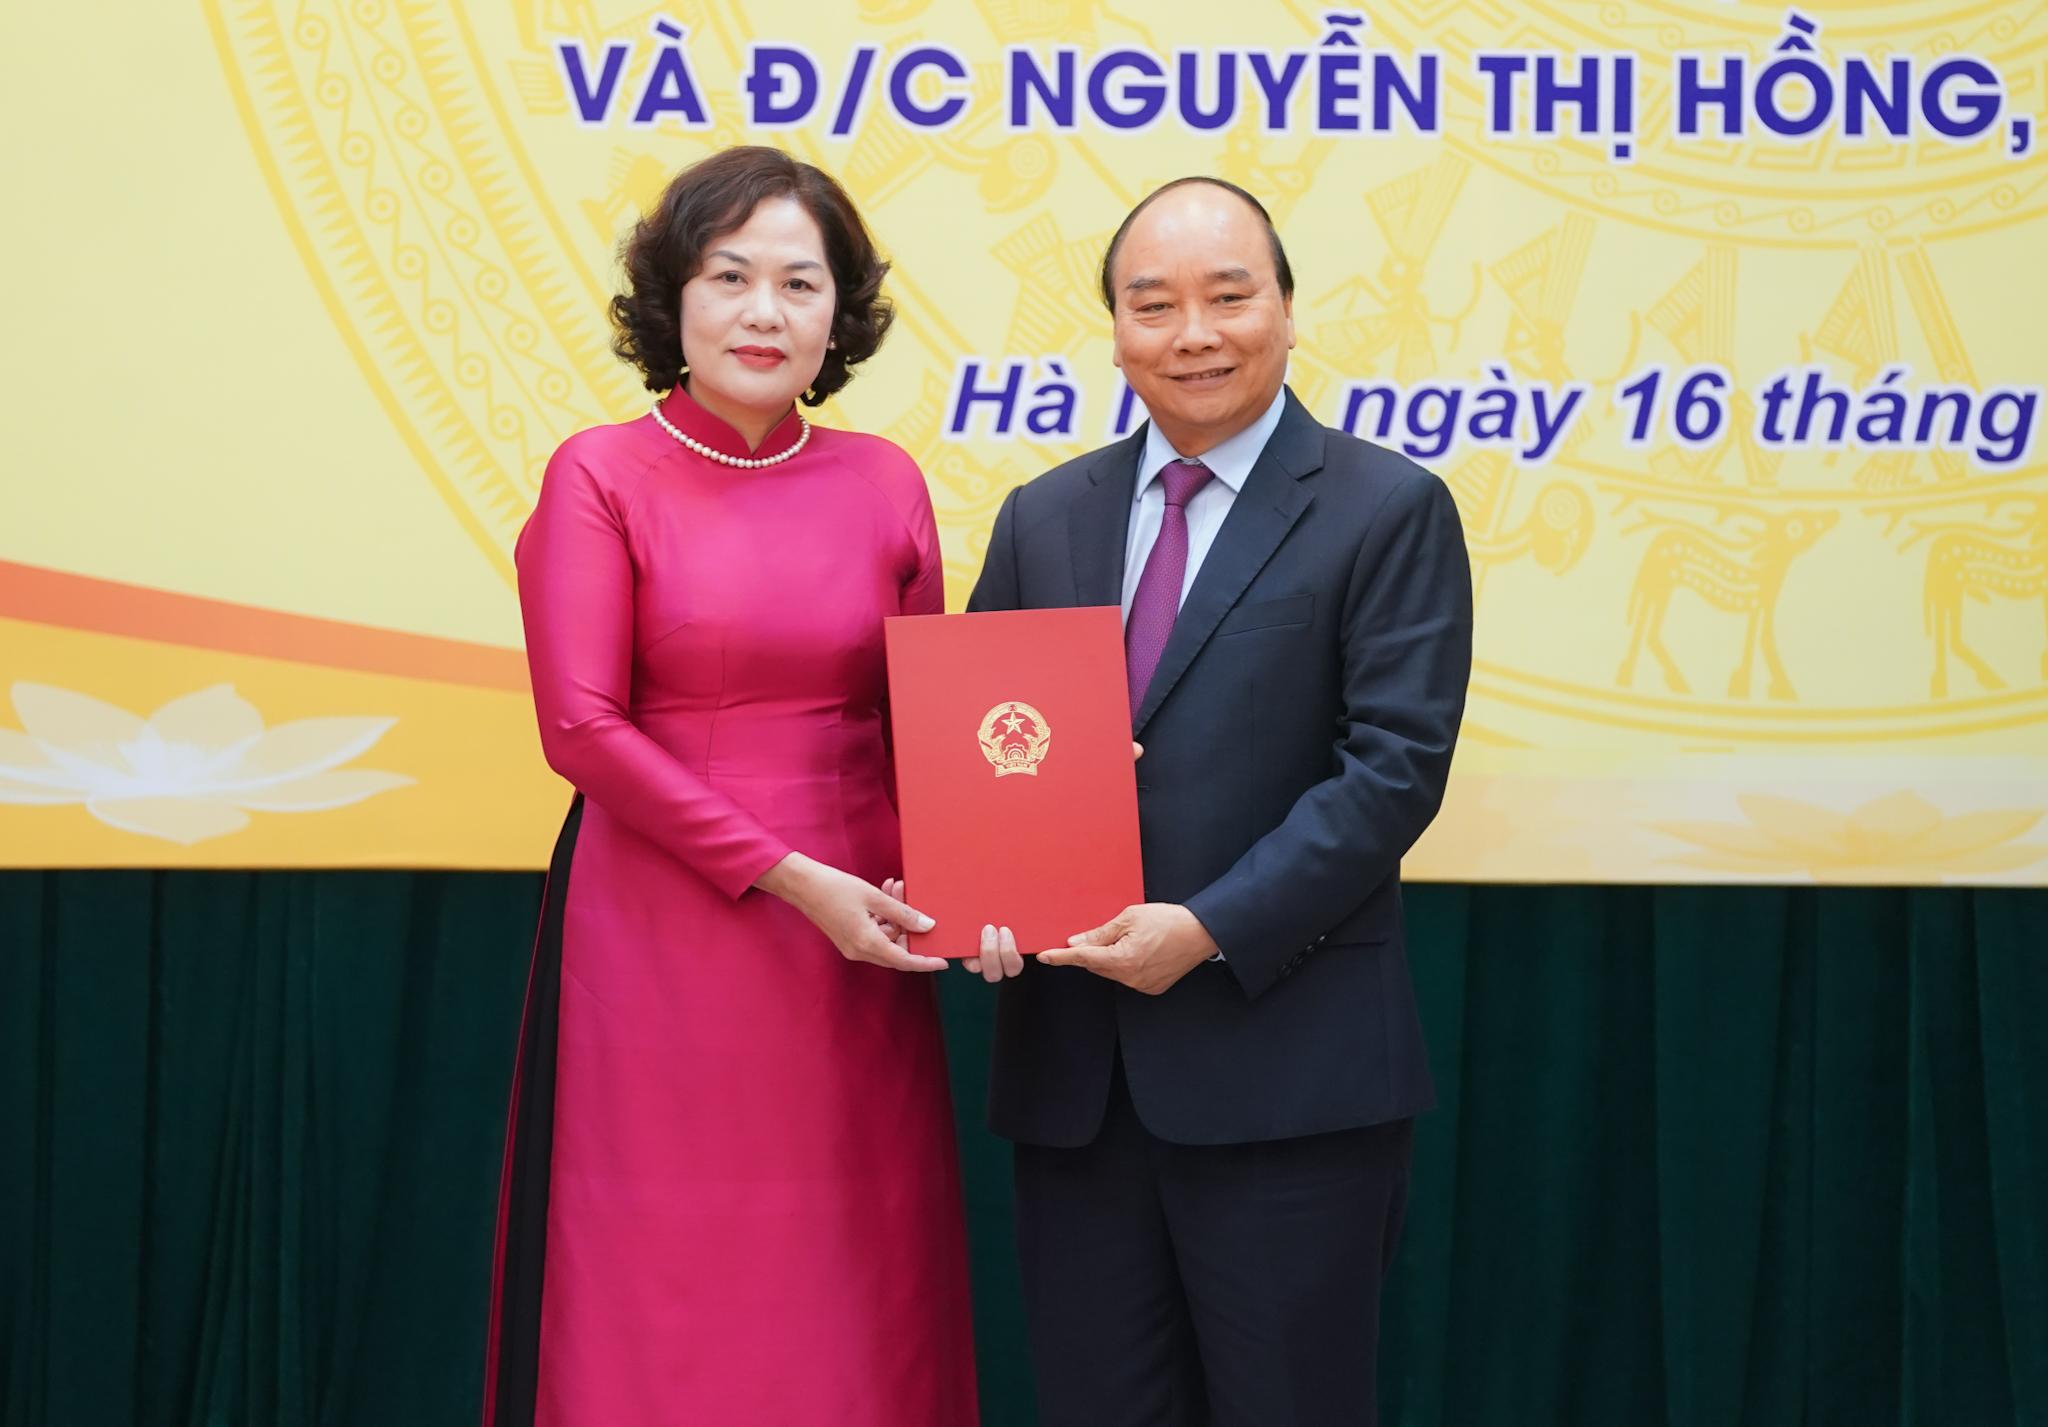 Thủ tướng: Đặt mục tiêu Việt Nam có ngân hàng lọt top đầu tốt nhất khu vực - Ảnh 1.